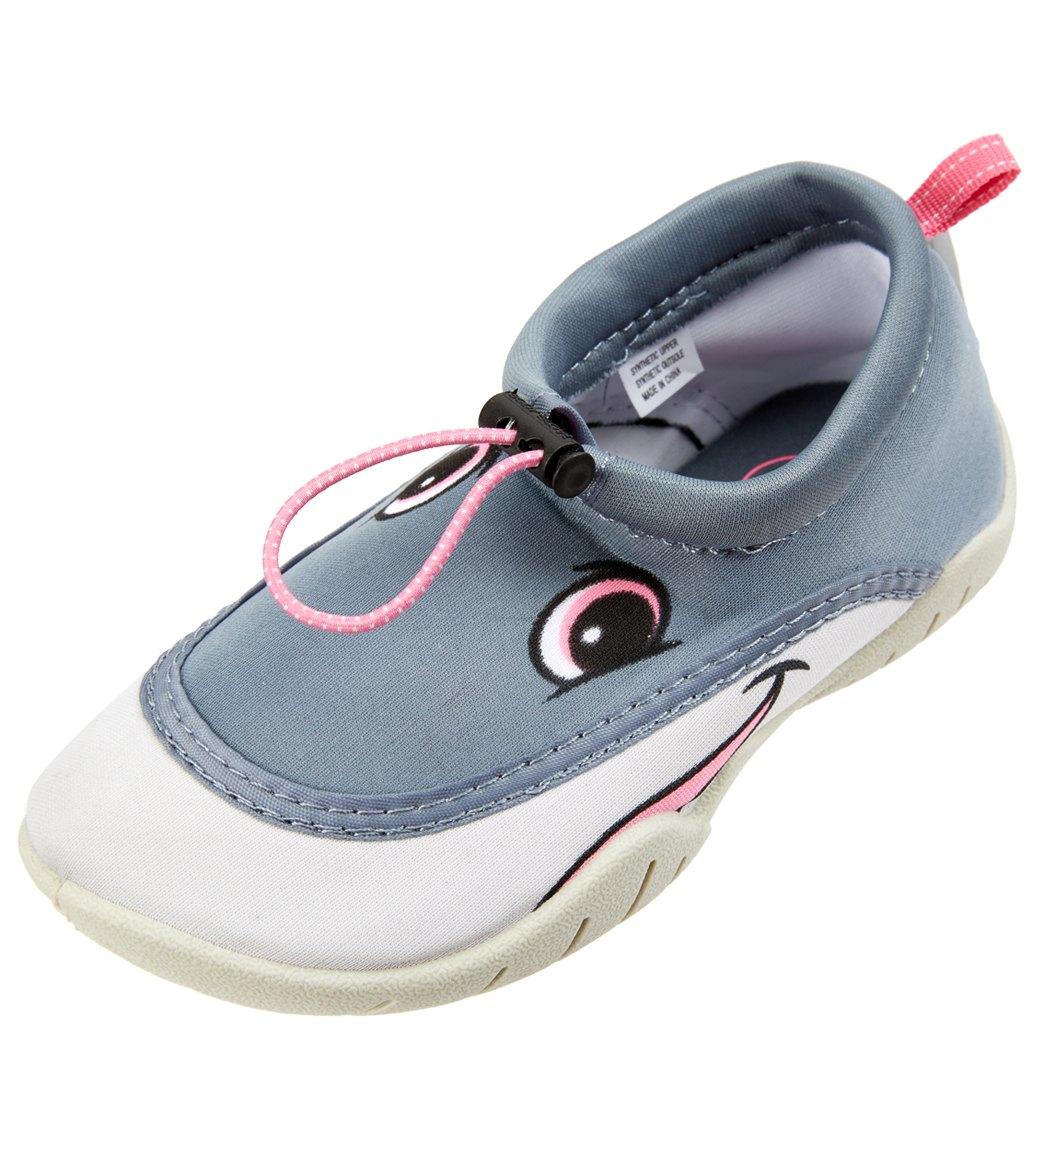 e9bdb4c593e4 Body Glove Kid s Sea Pals Water Shoe at SwimOutlet.com